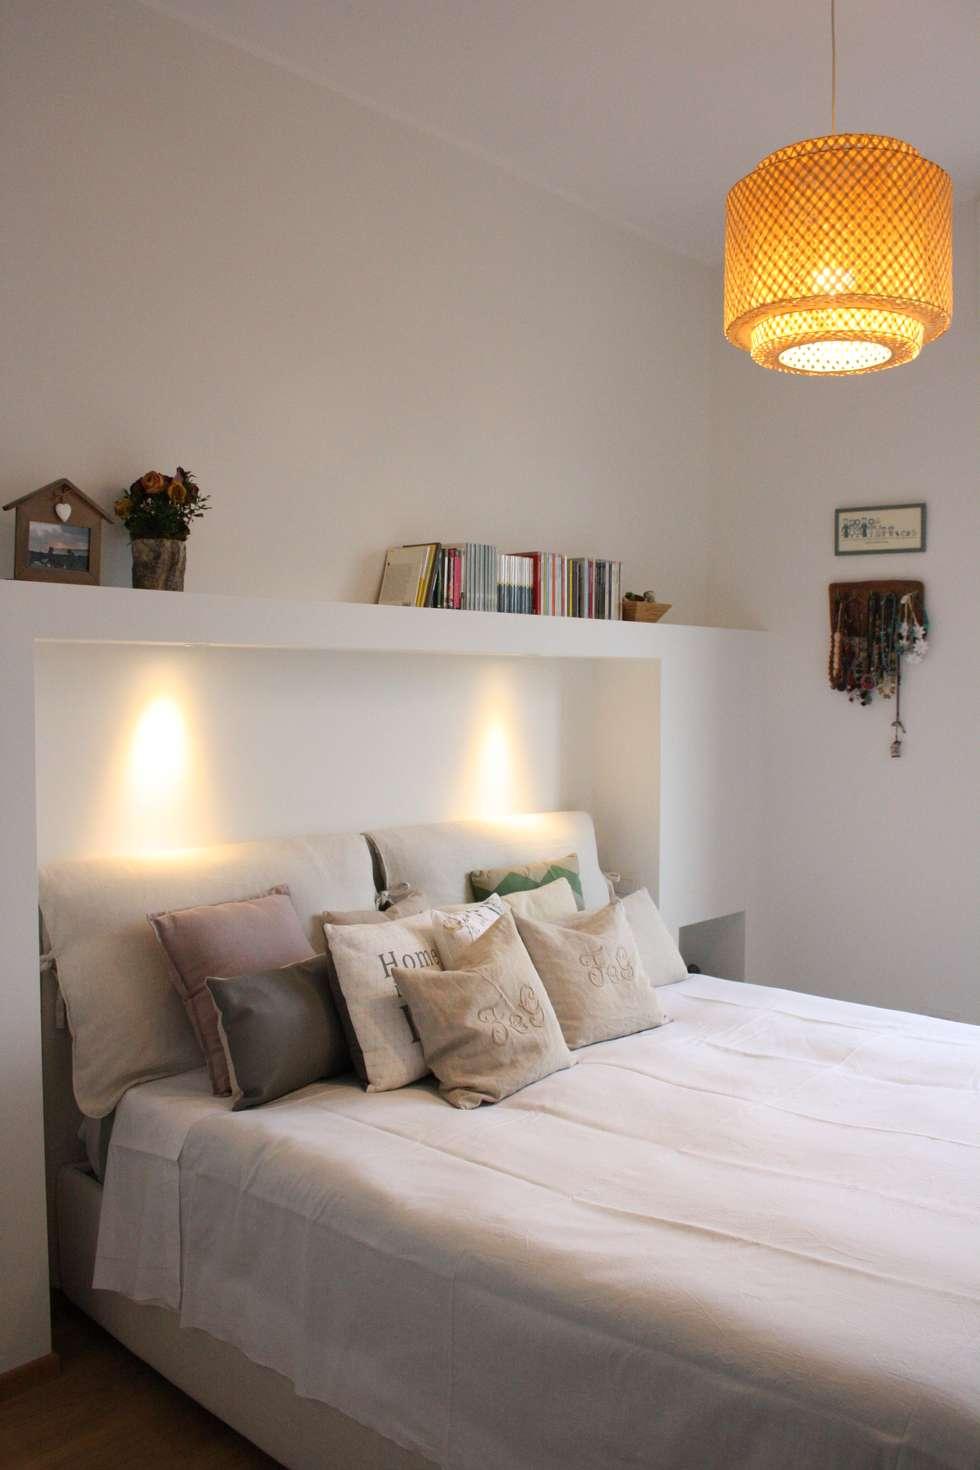 Idee arredamento casa interior design homify - Studio in camera da letto ...